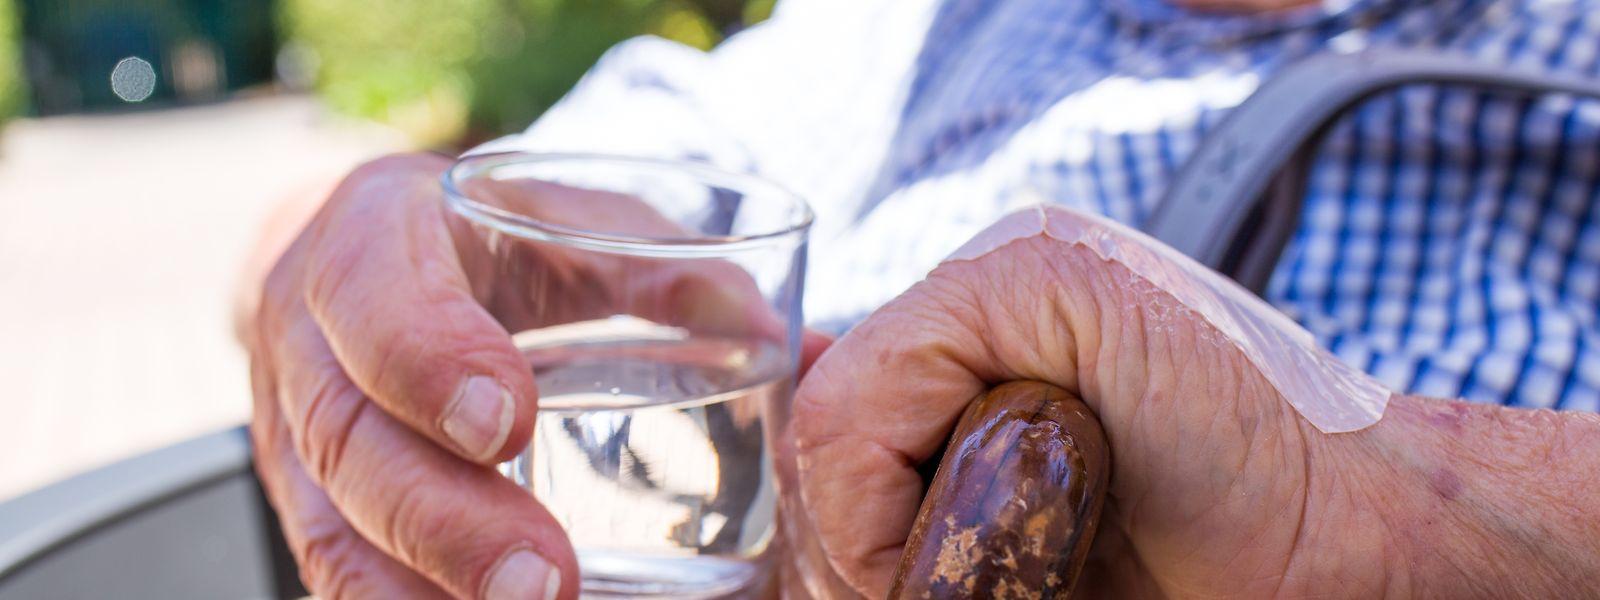 Mindestens anderthalb Liter Wasser am Tag sind bei hohen Temperaturen Pflicht.